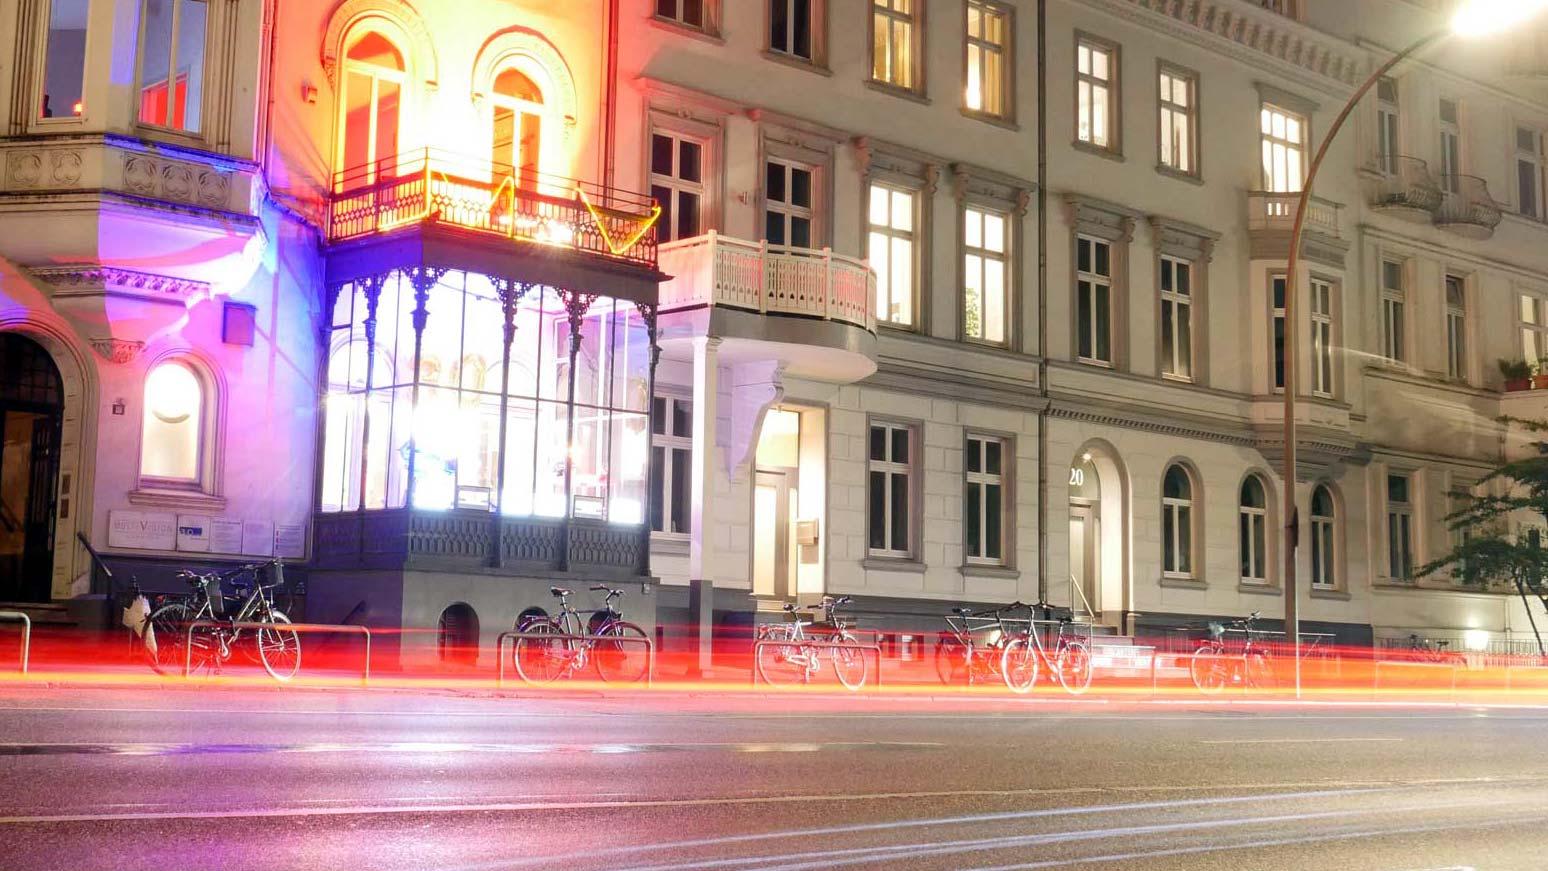 multivision-filmproduktion-hamburg-st.georg-an-der-alster